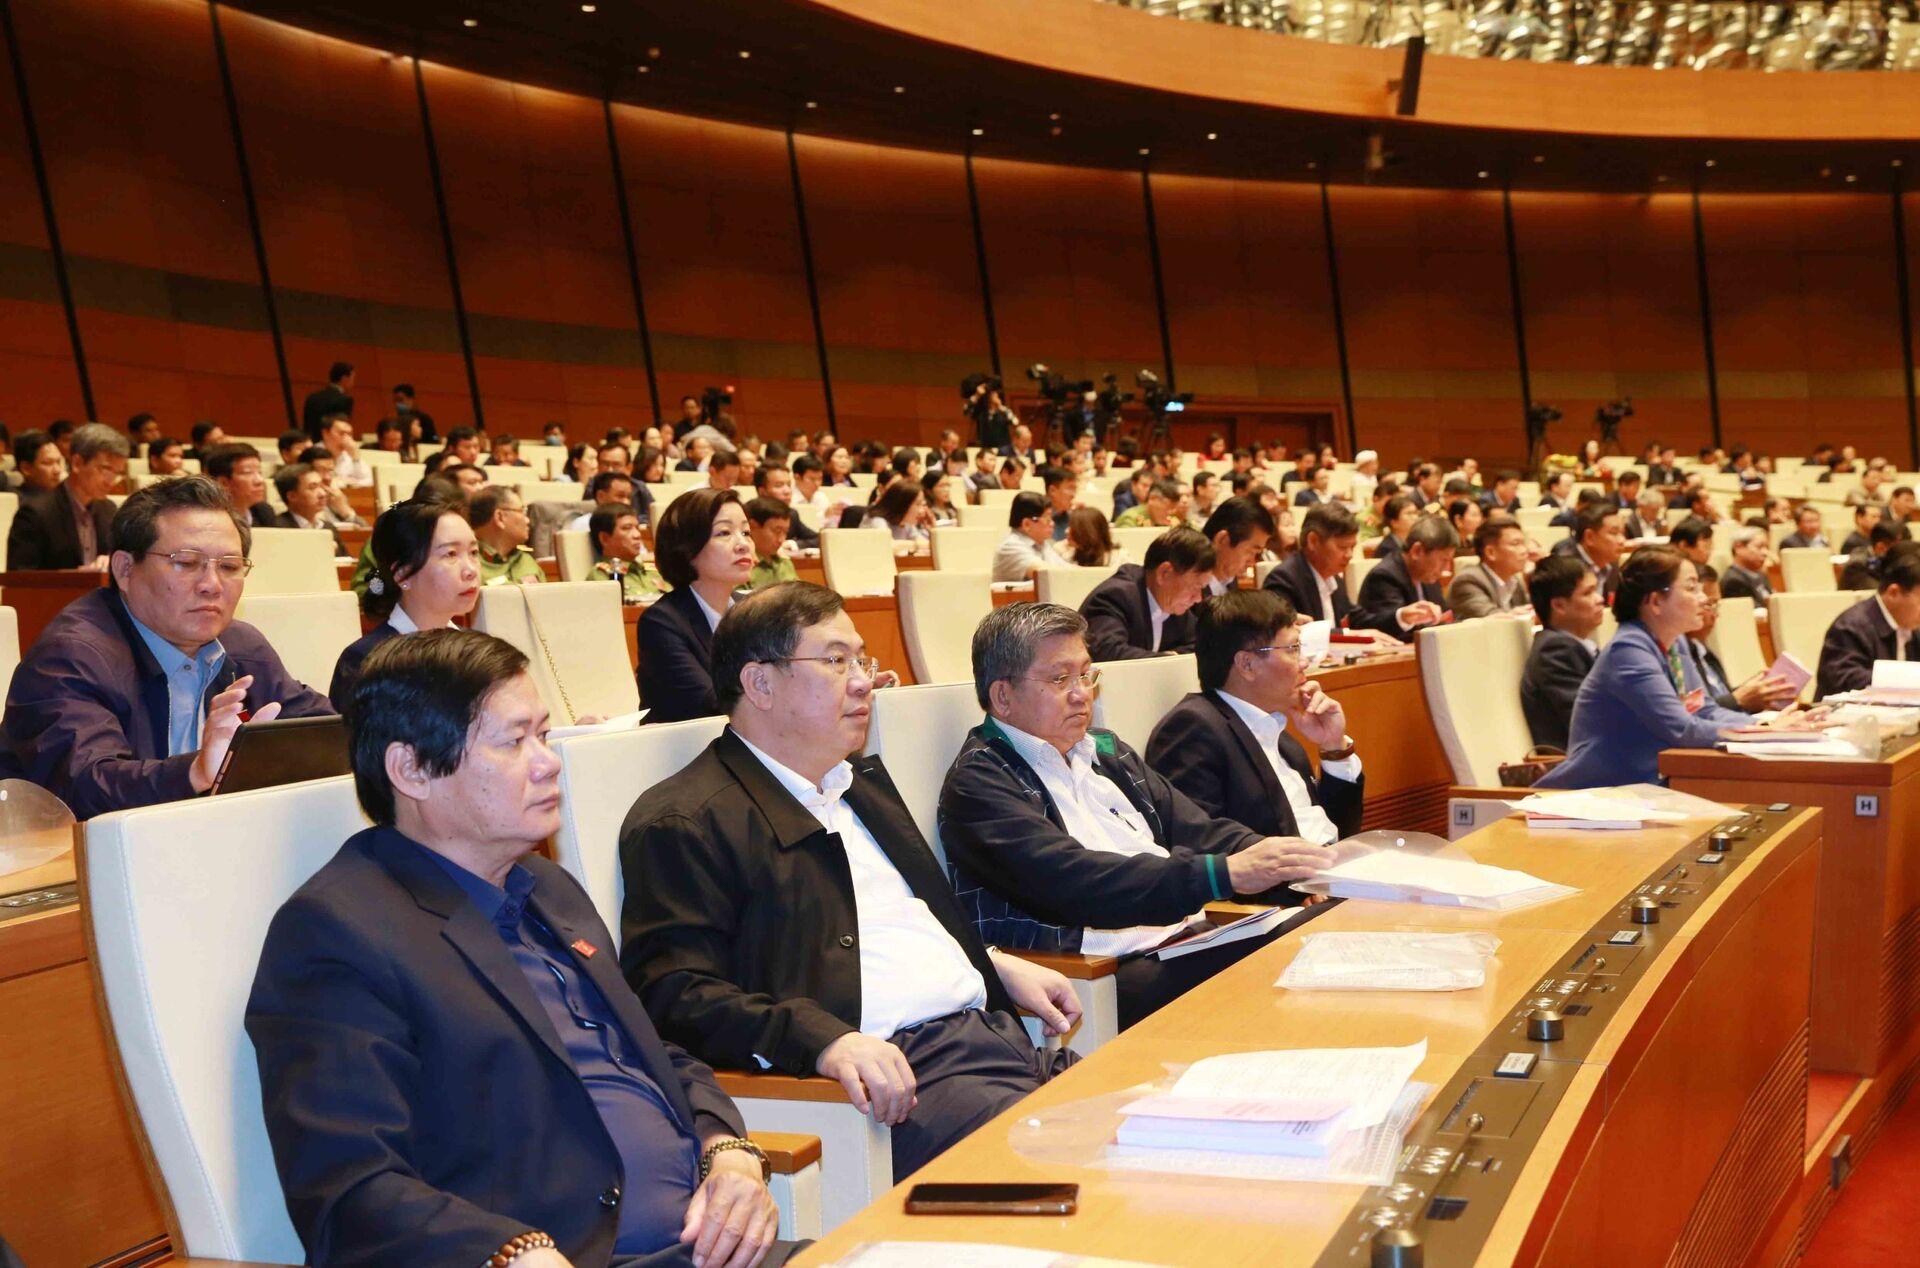 Ban Bí thư tổ chức Hội nghị quán triệt Nghị quyết Đại hội XIII của Đảng - Sputnik Việt Nam, 1920, 27.03.2021